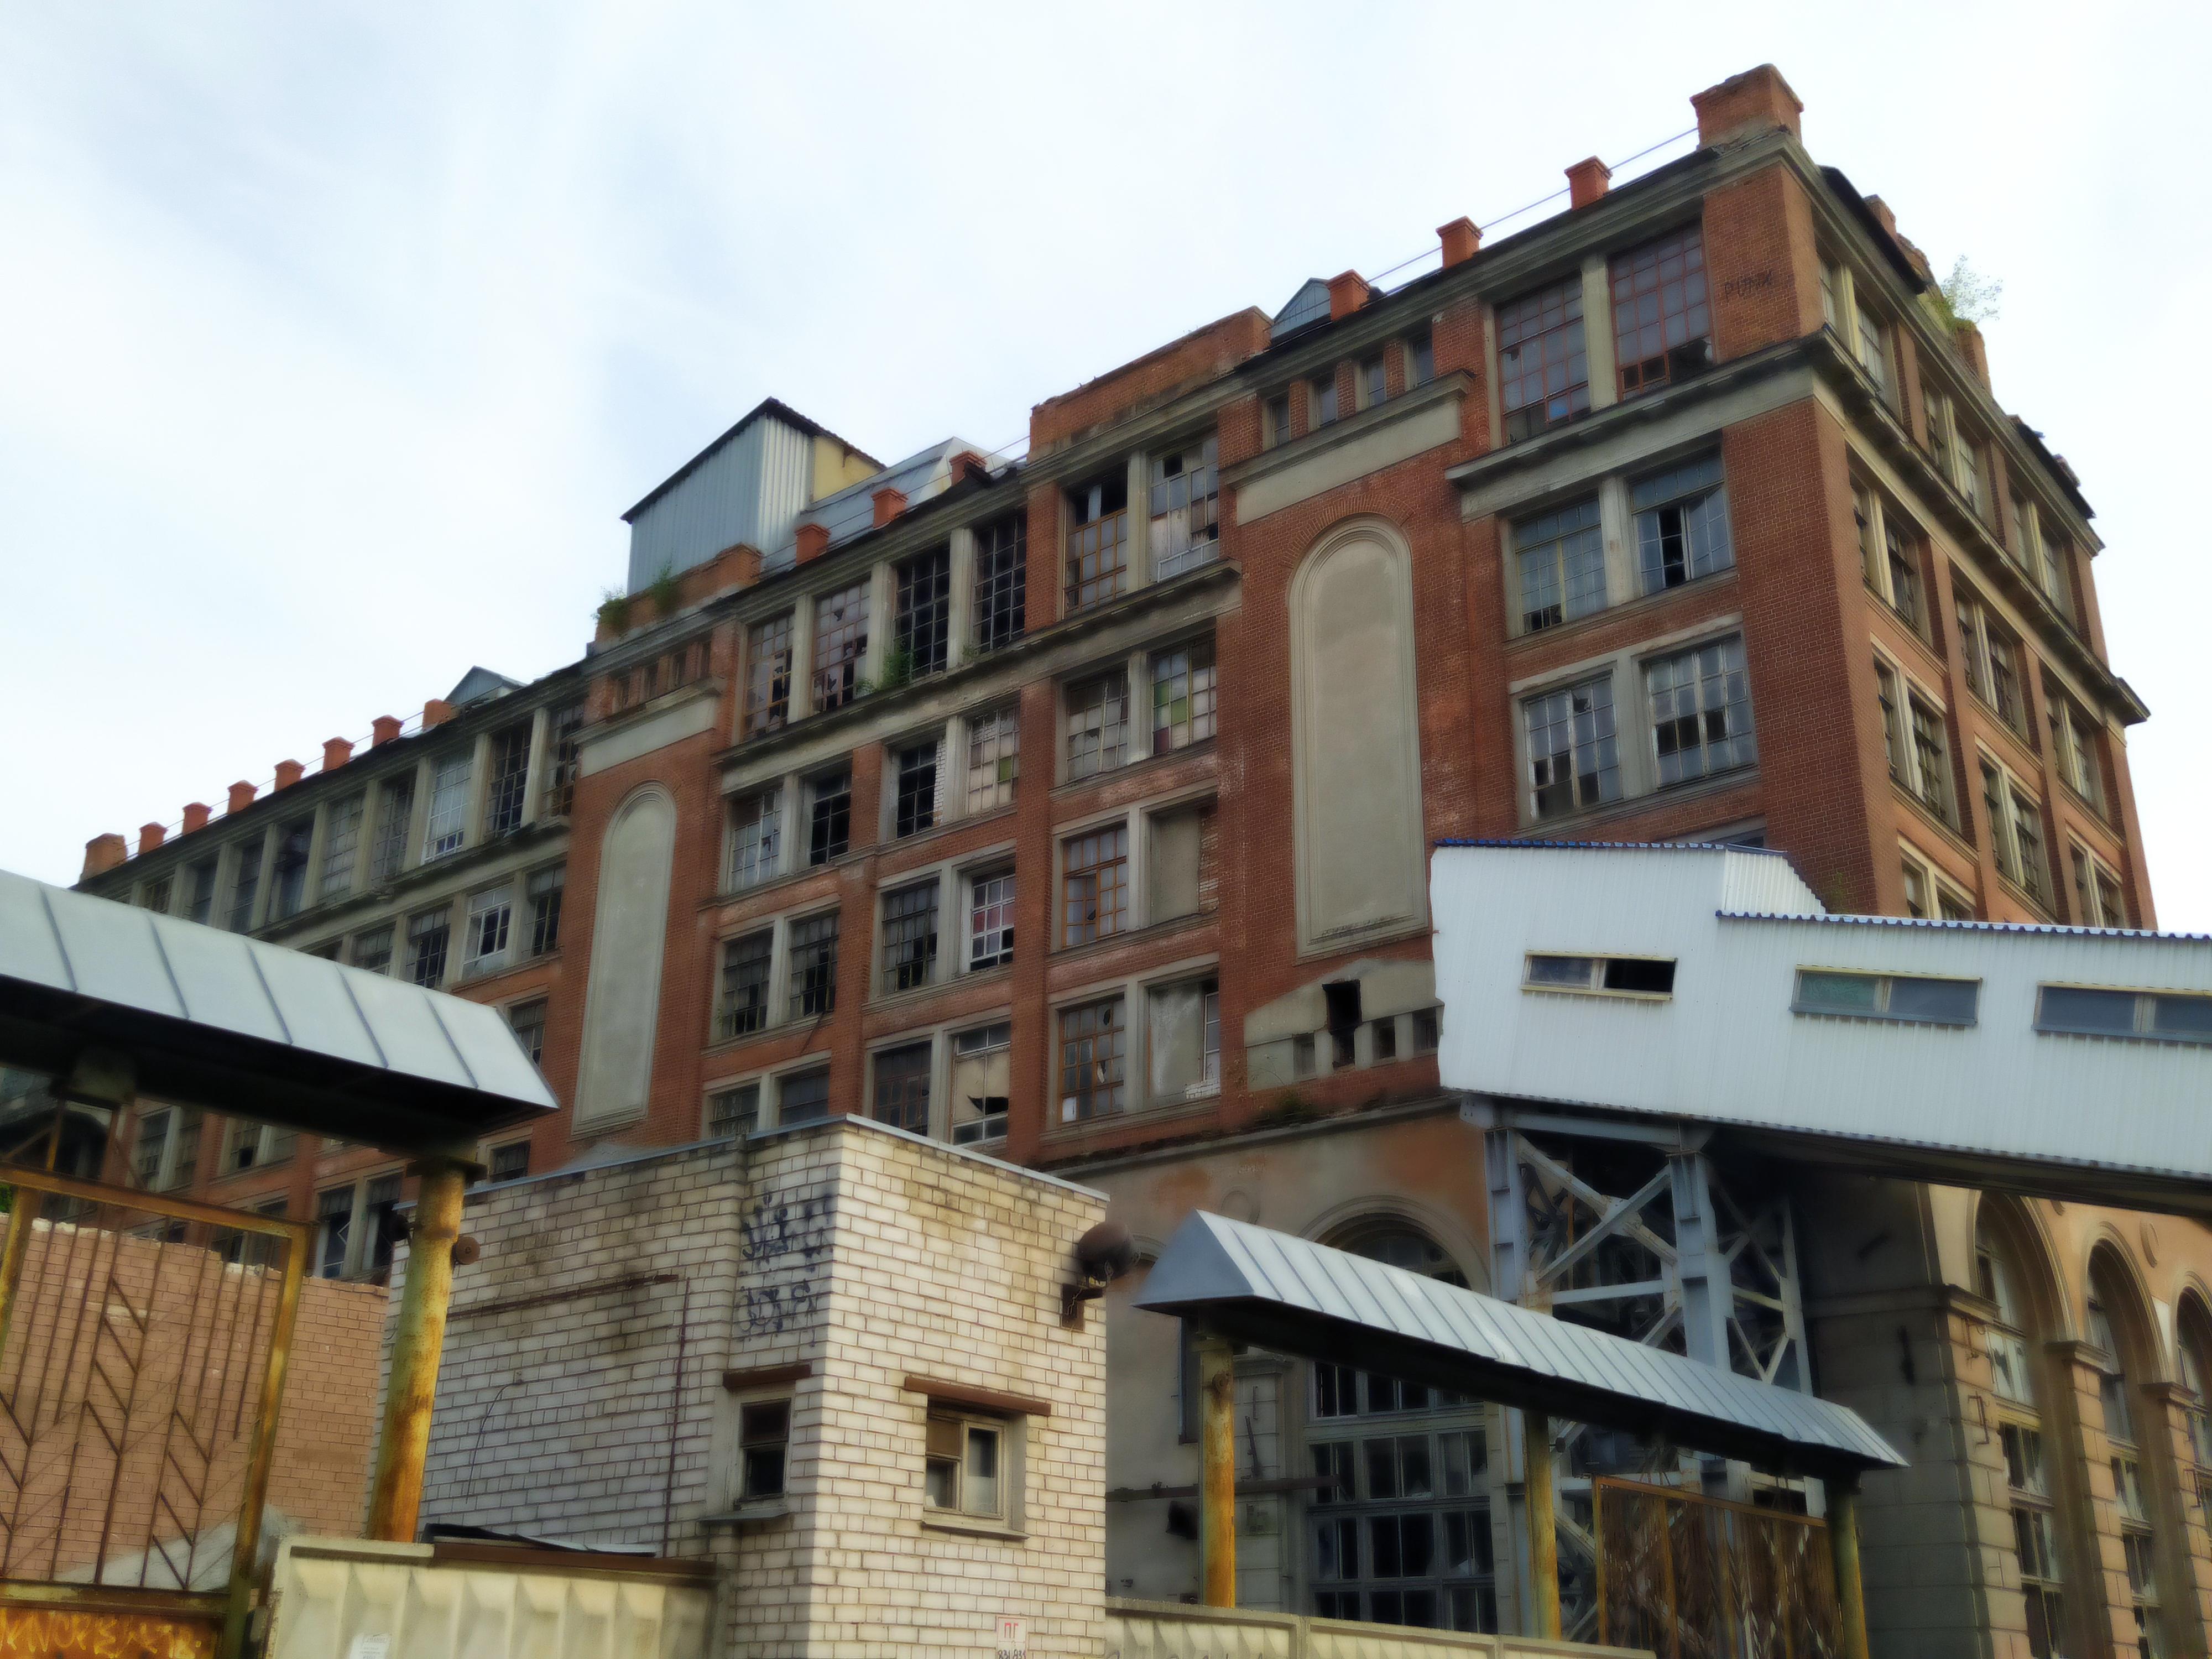 Башенный тип застройки выбрали для ЖК «Мукомольный» в Нижнем Новгороде - фото 1